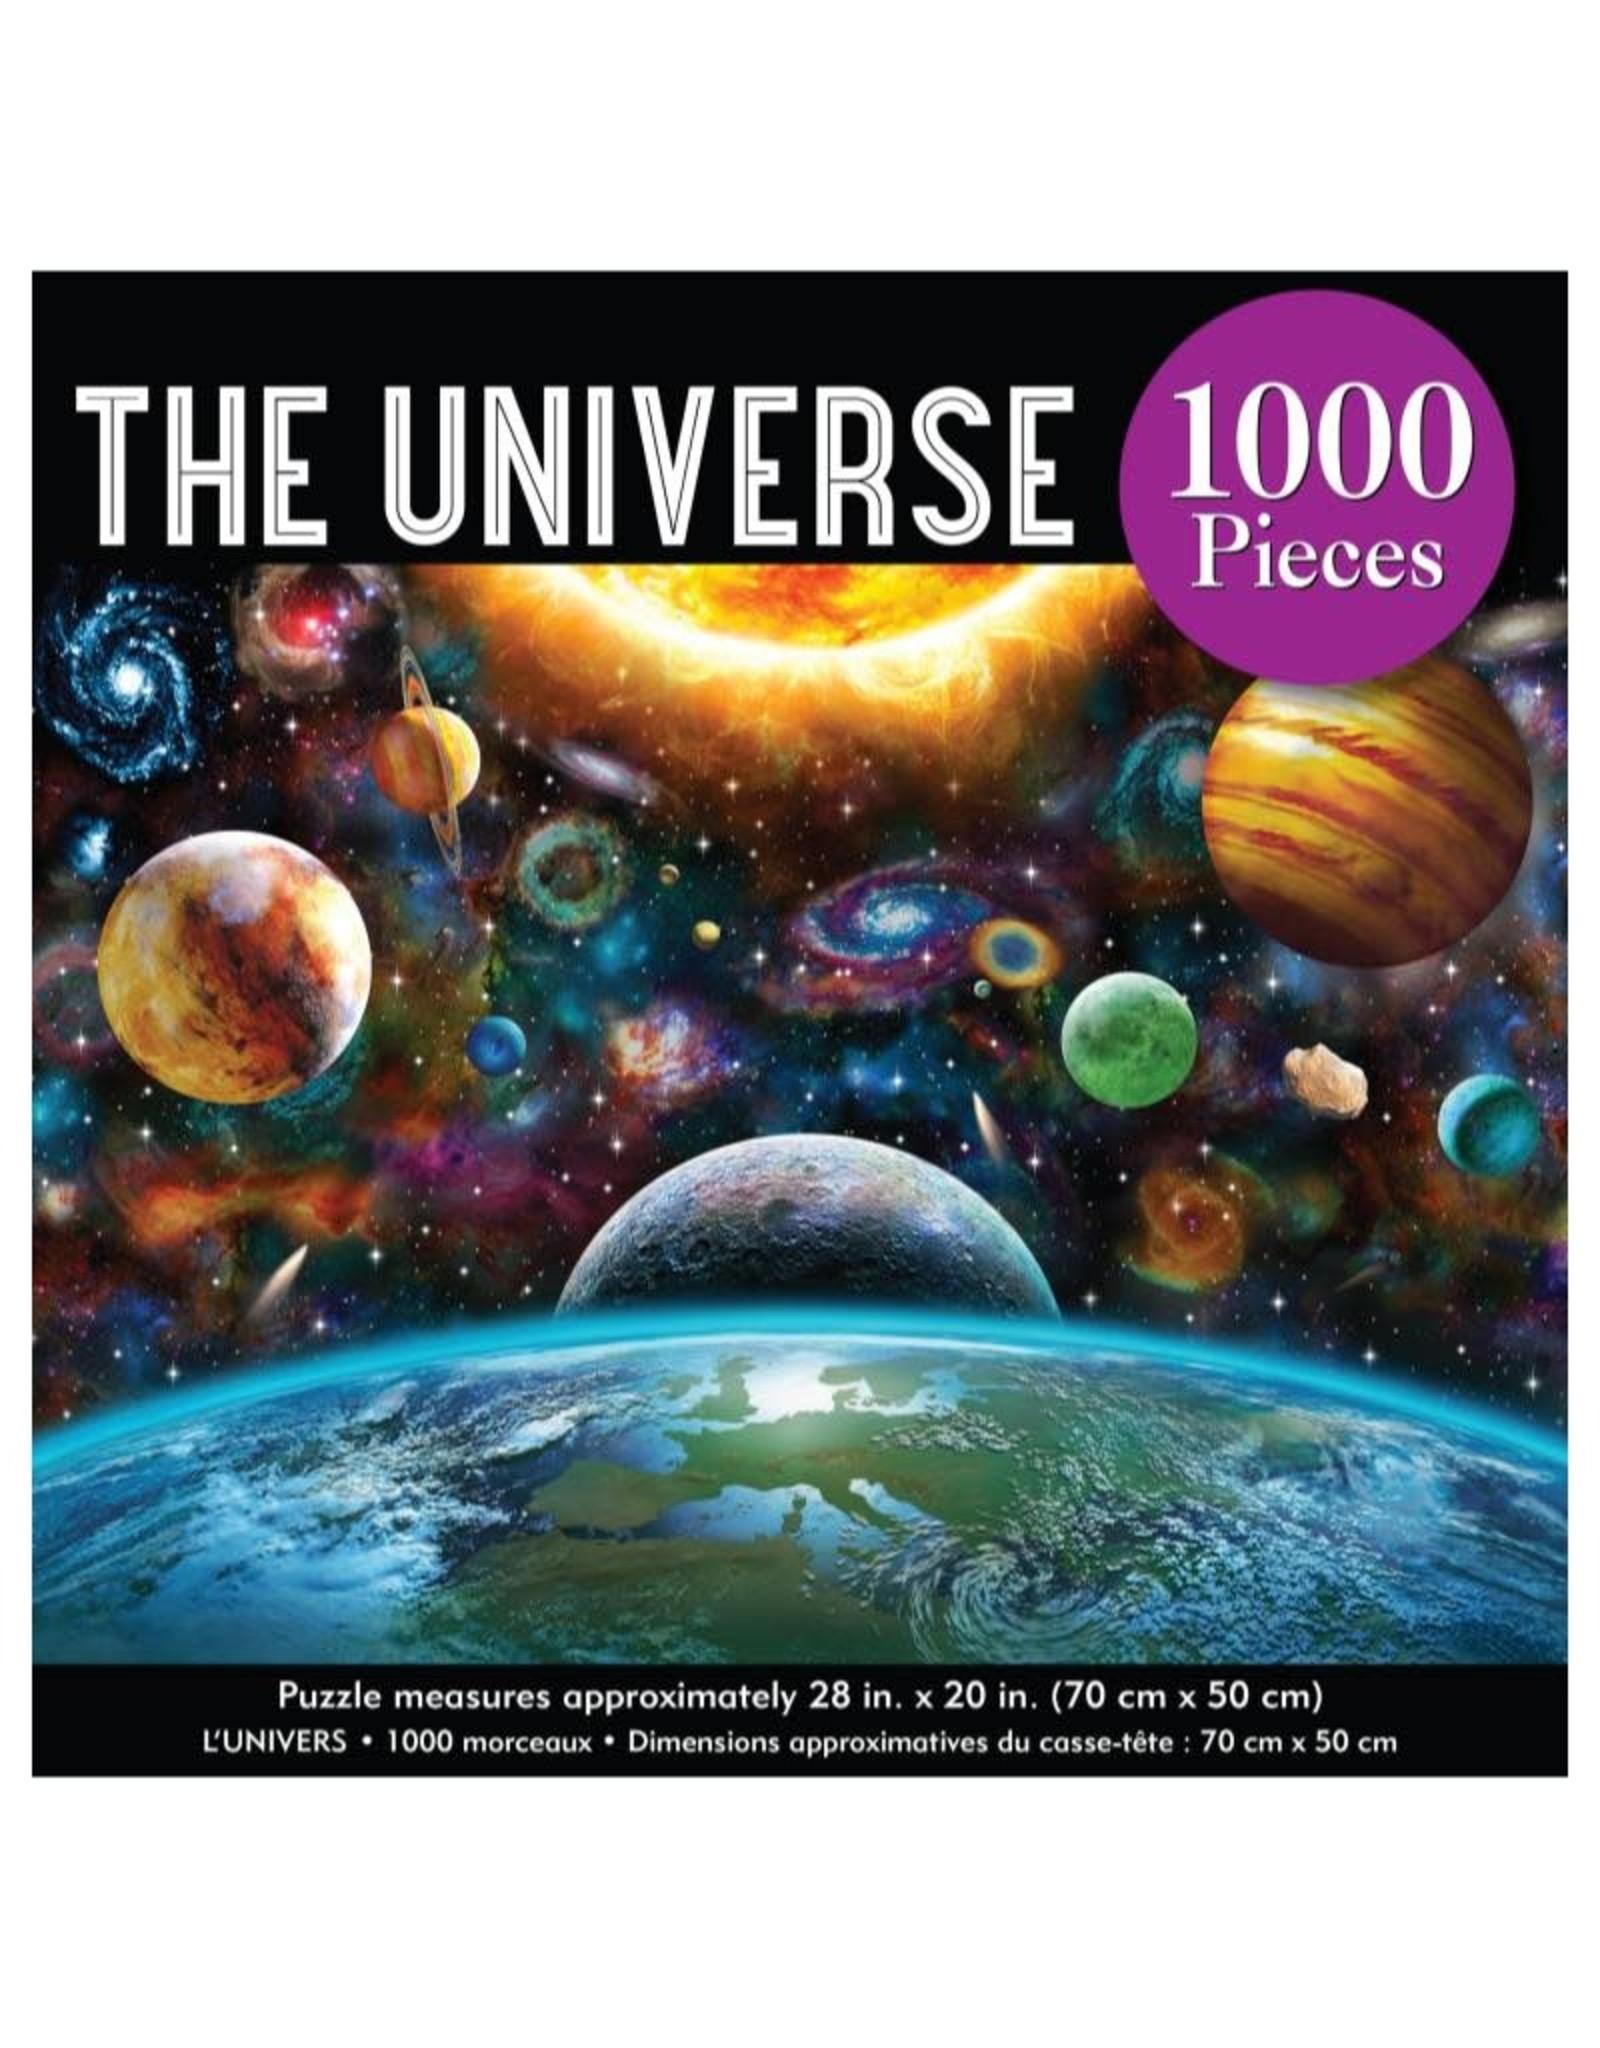 Peter Pauper The Universe Puzzle